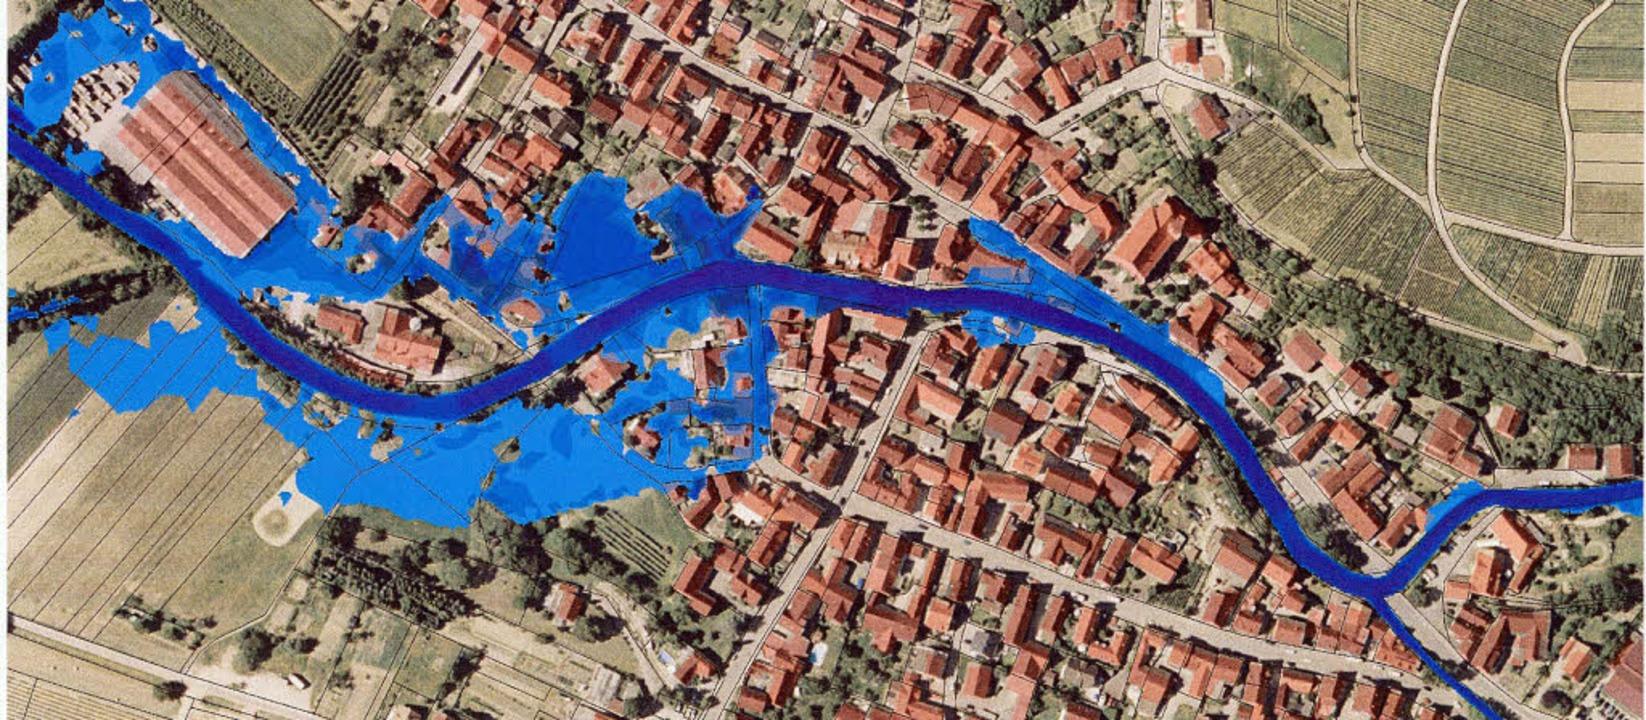 Ehrenstetten wäre beim 100-jährigen Ho...eil stark überflutet (blaue Flächen).   | Foto: bild: Büro Ernst +Co im Auftrag der Gemeinde Ehrenkirchen